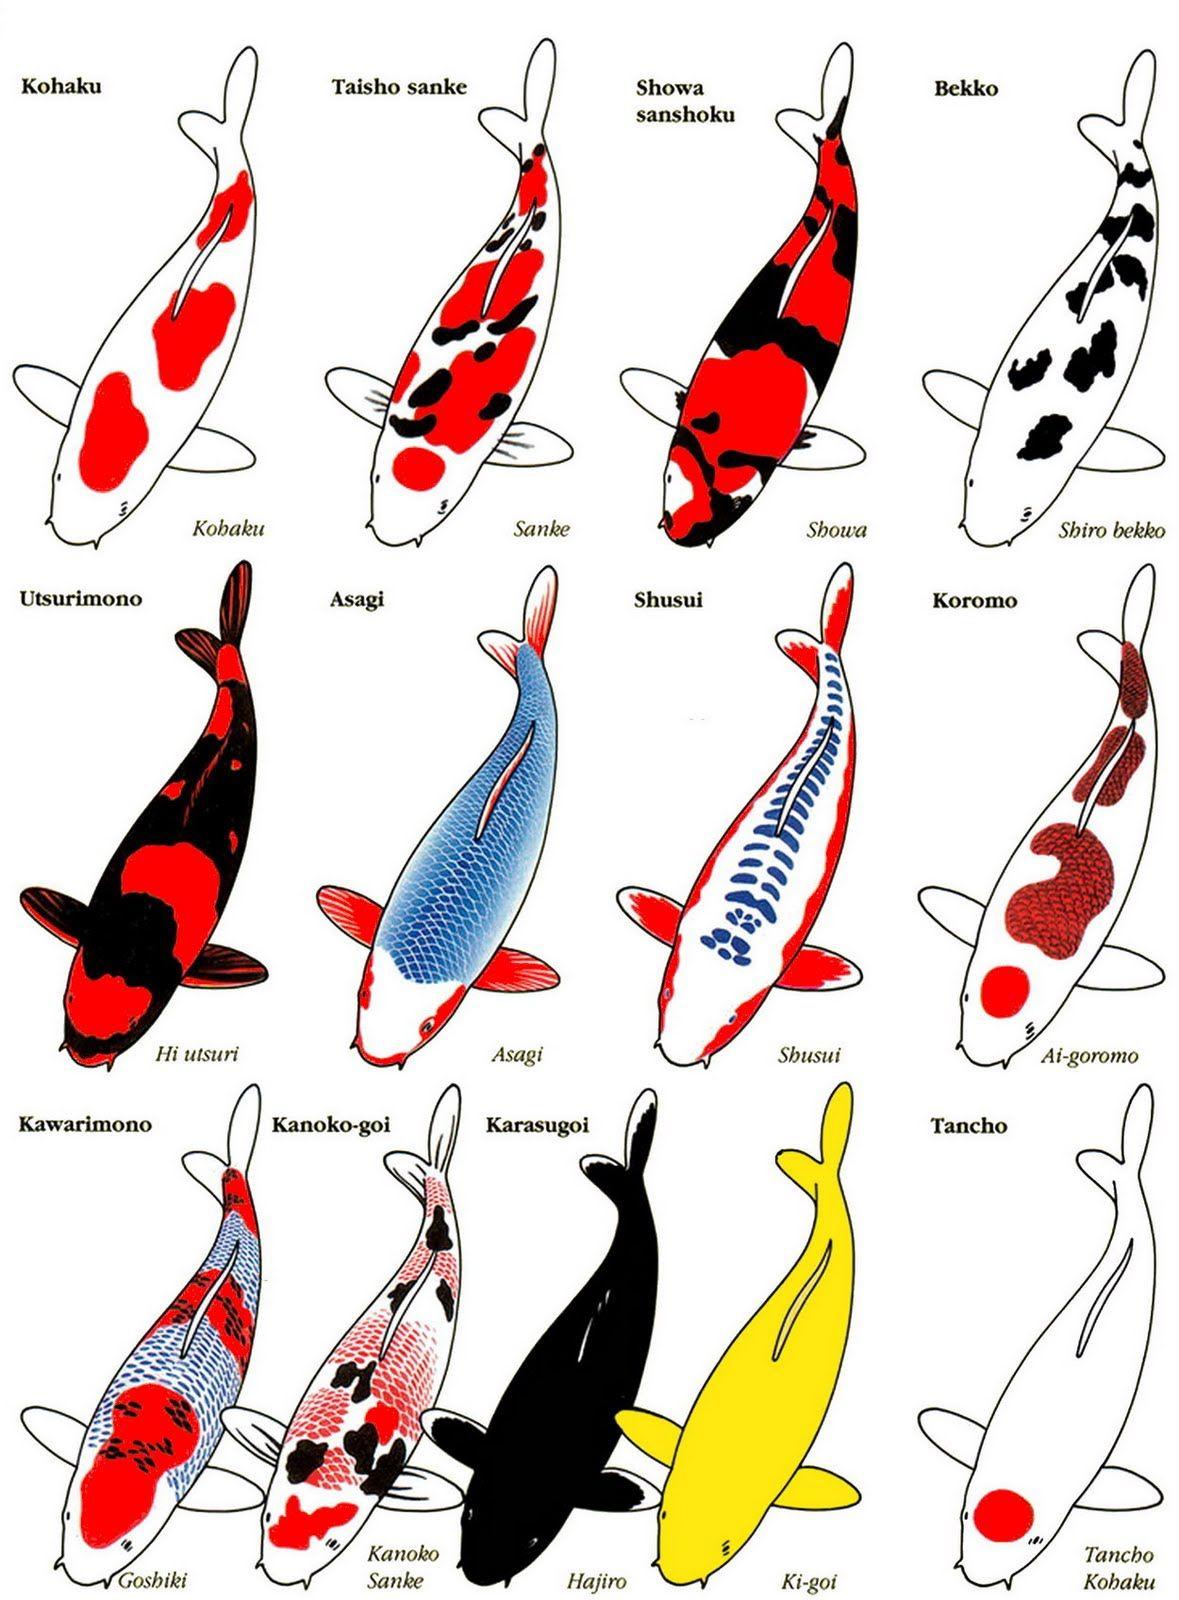 slighted koi ponds koi koi fish pond koi carp salmon life cycle koi fish life cycle diagram [ 1179 x 1600 Pixel ]